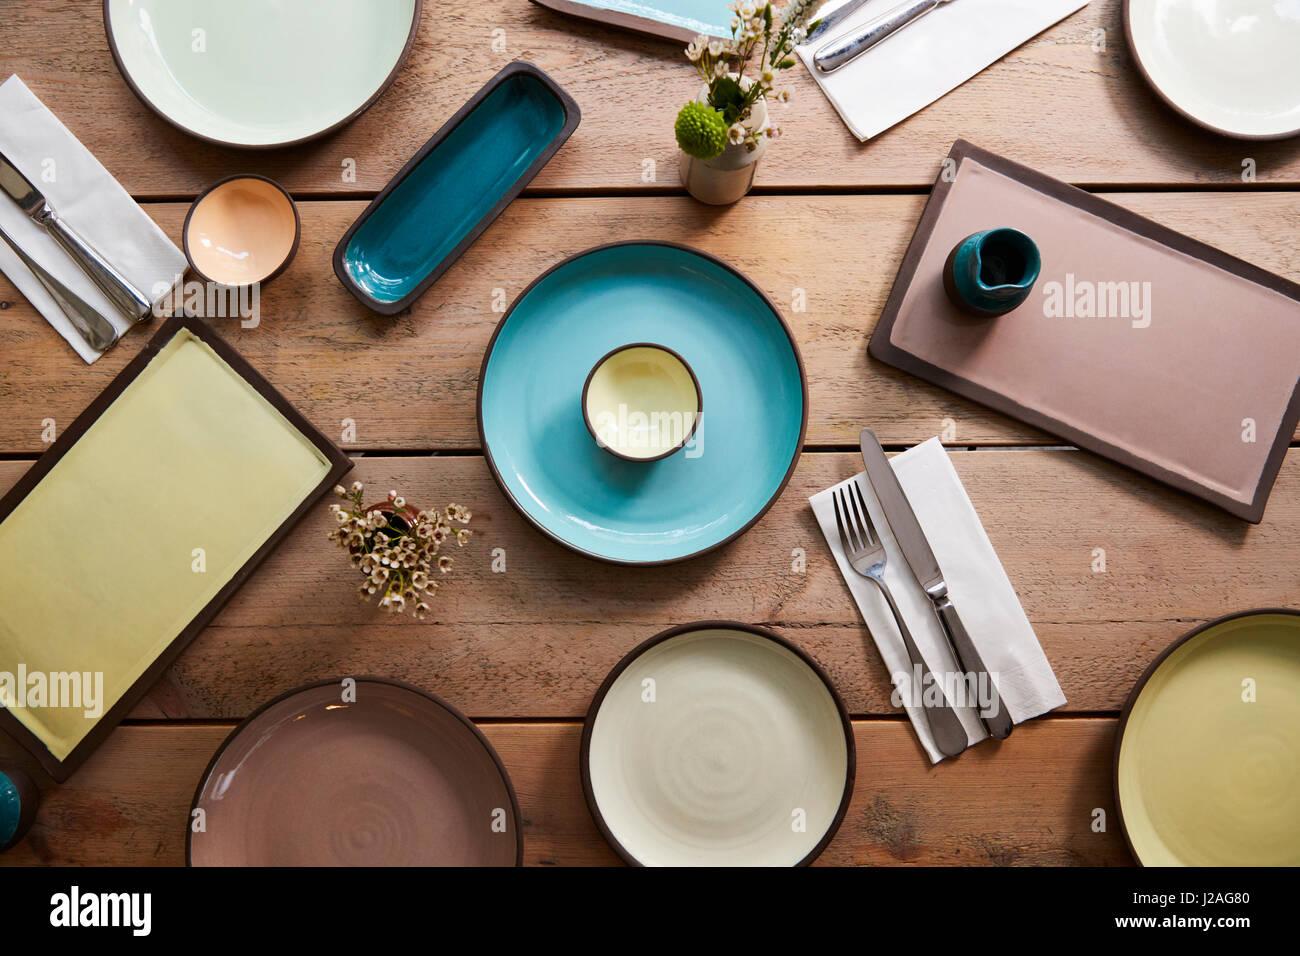 La faïence fait main et des couverts sur une table, d'un shot Banque D'Images